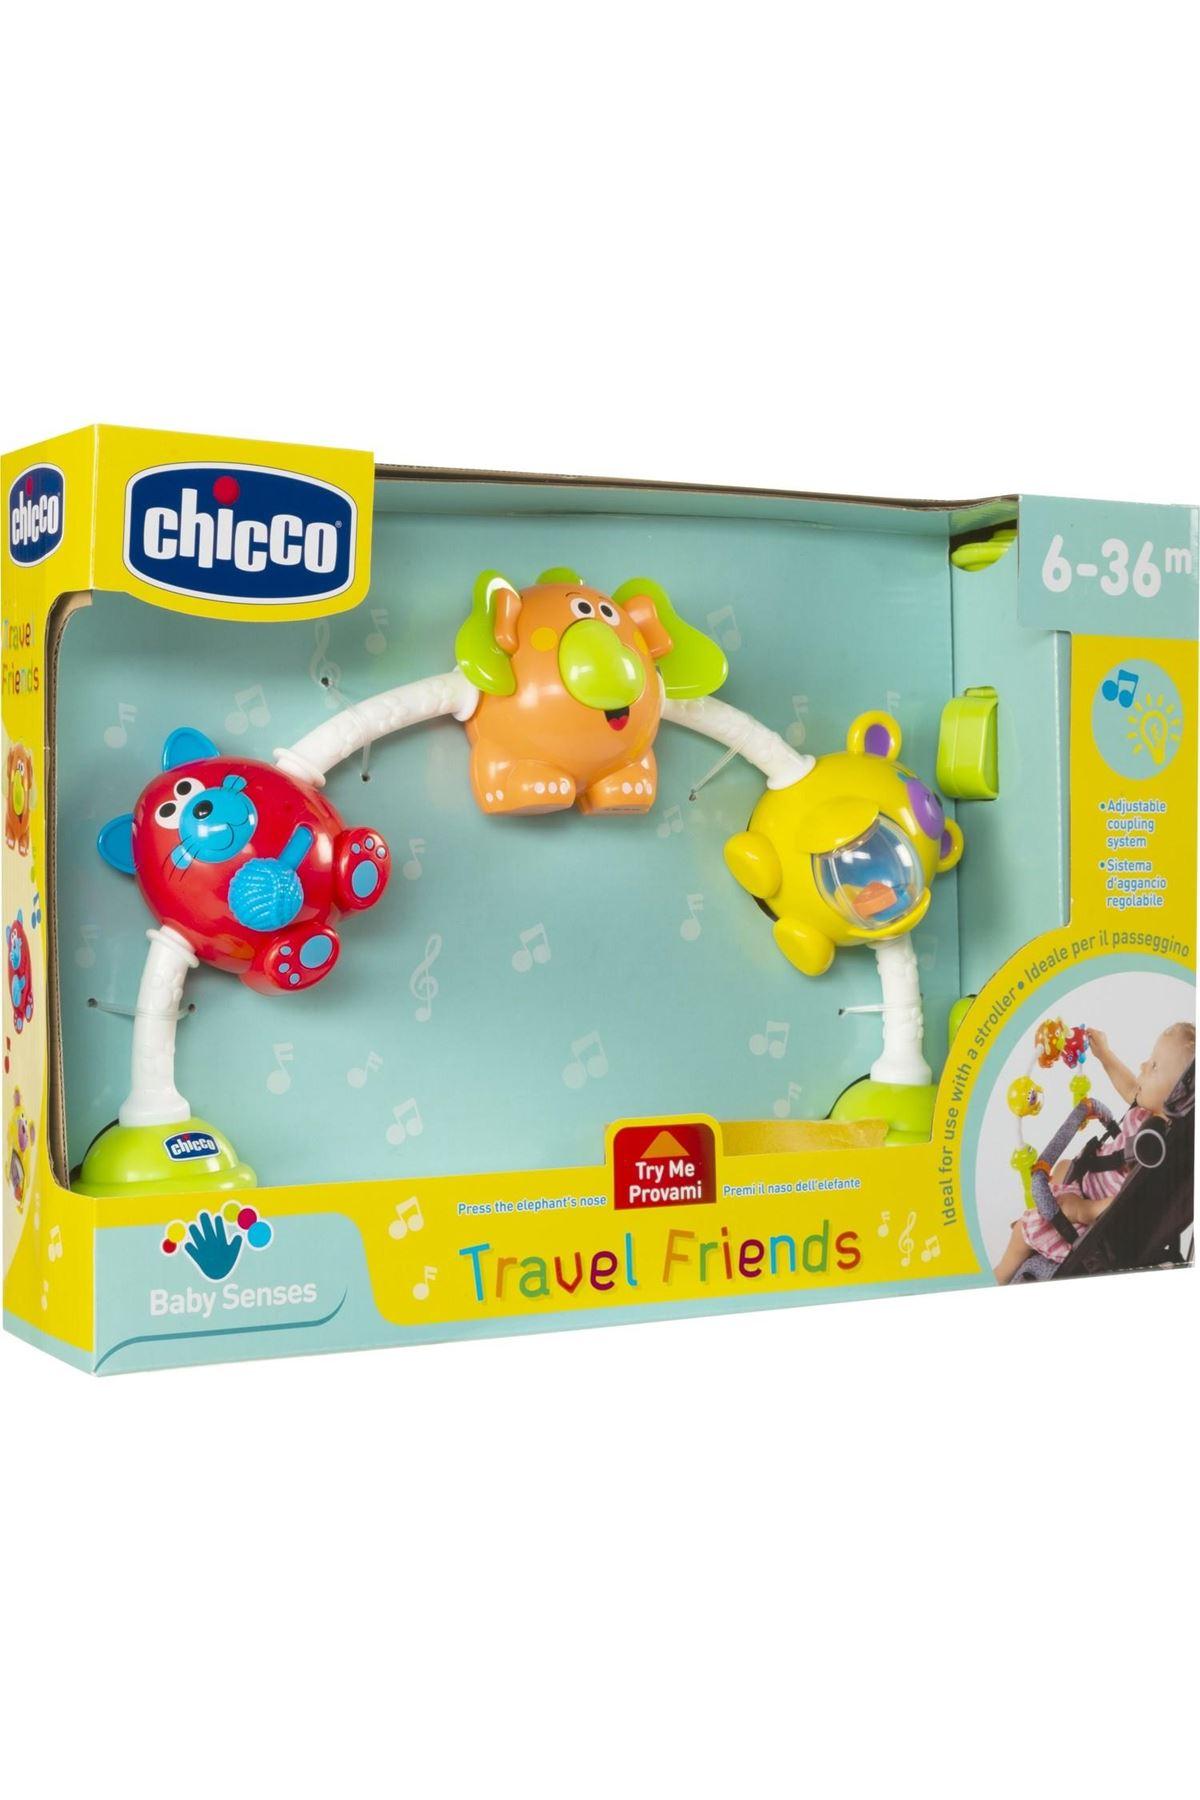 Chicco Seyahat Arkadaşlarım Puset Oyuncağı